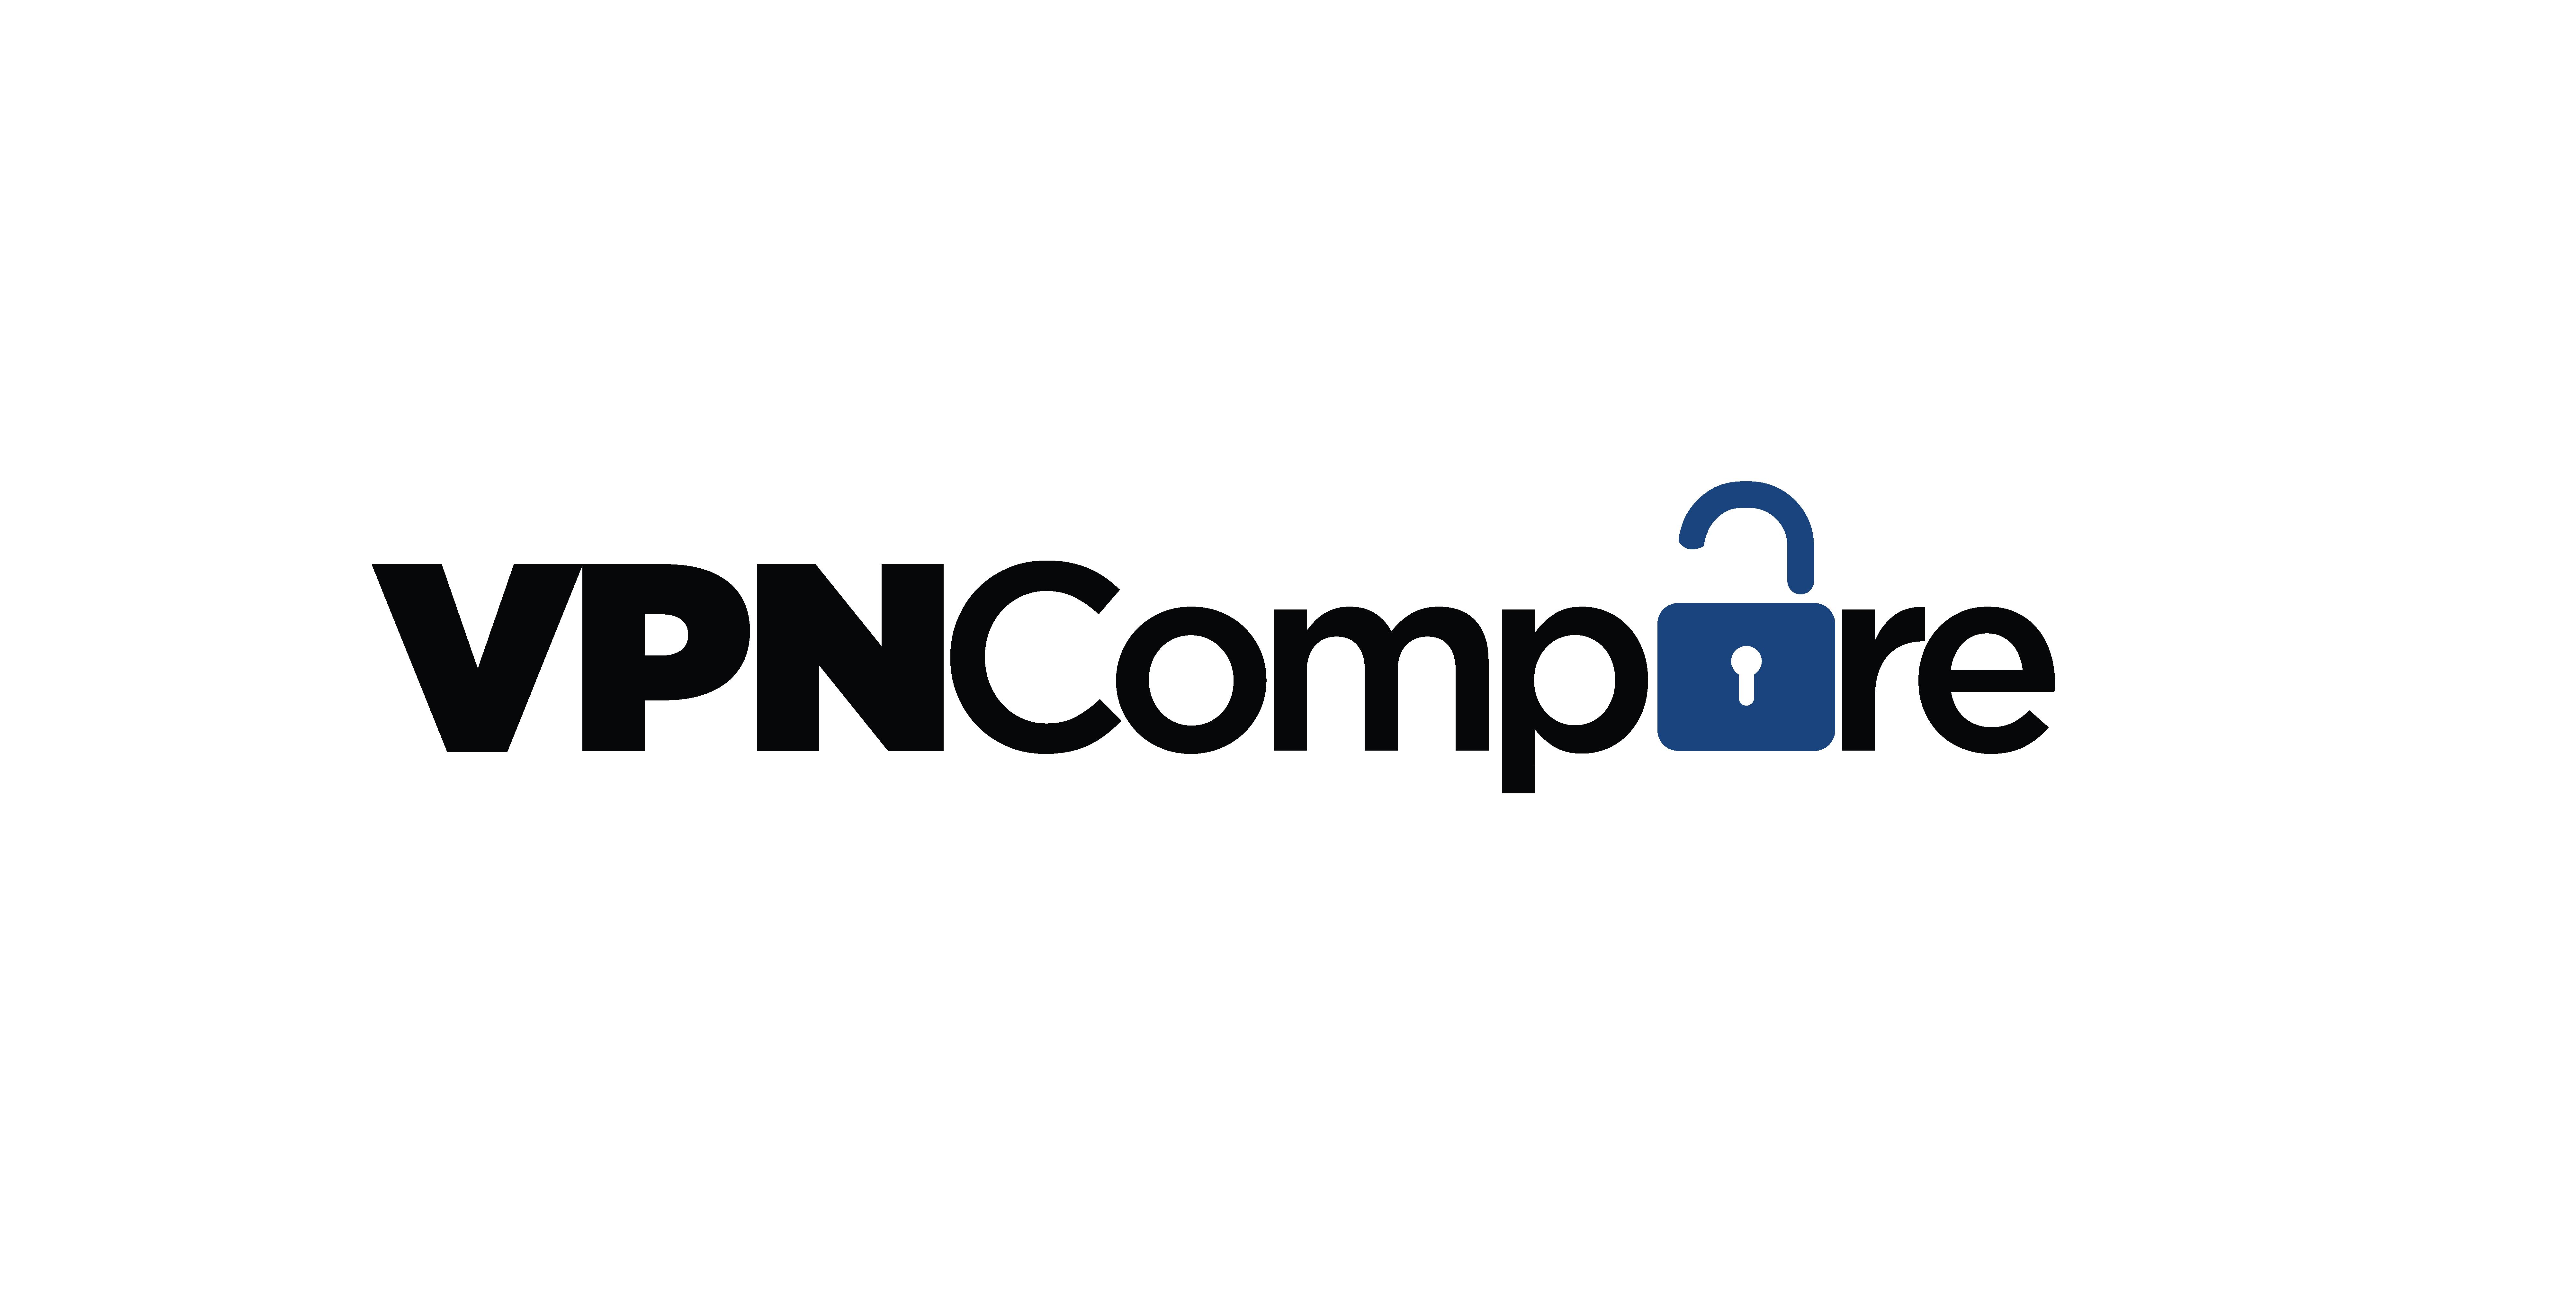 VPNCompare